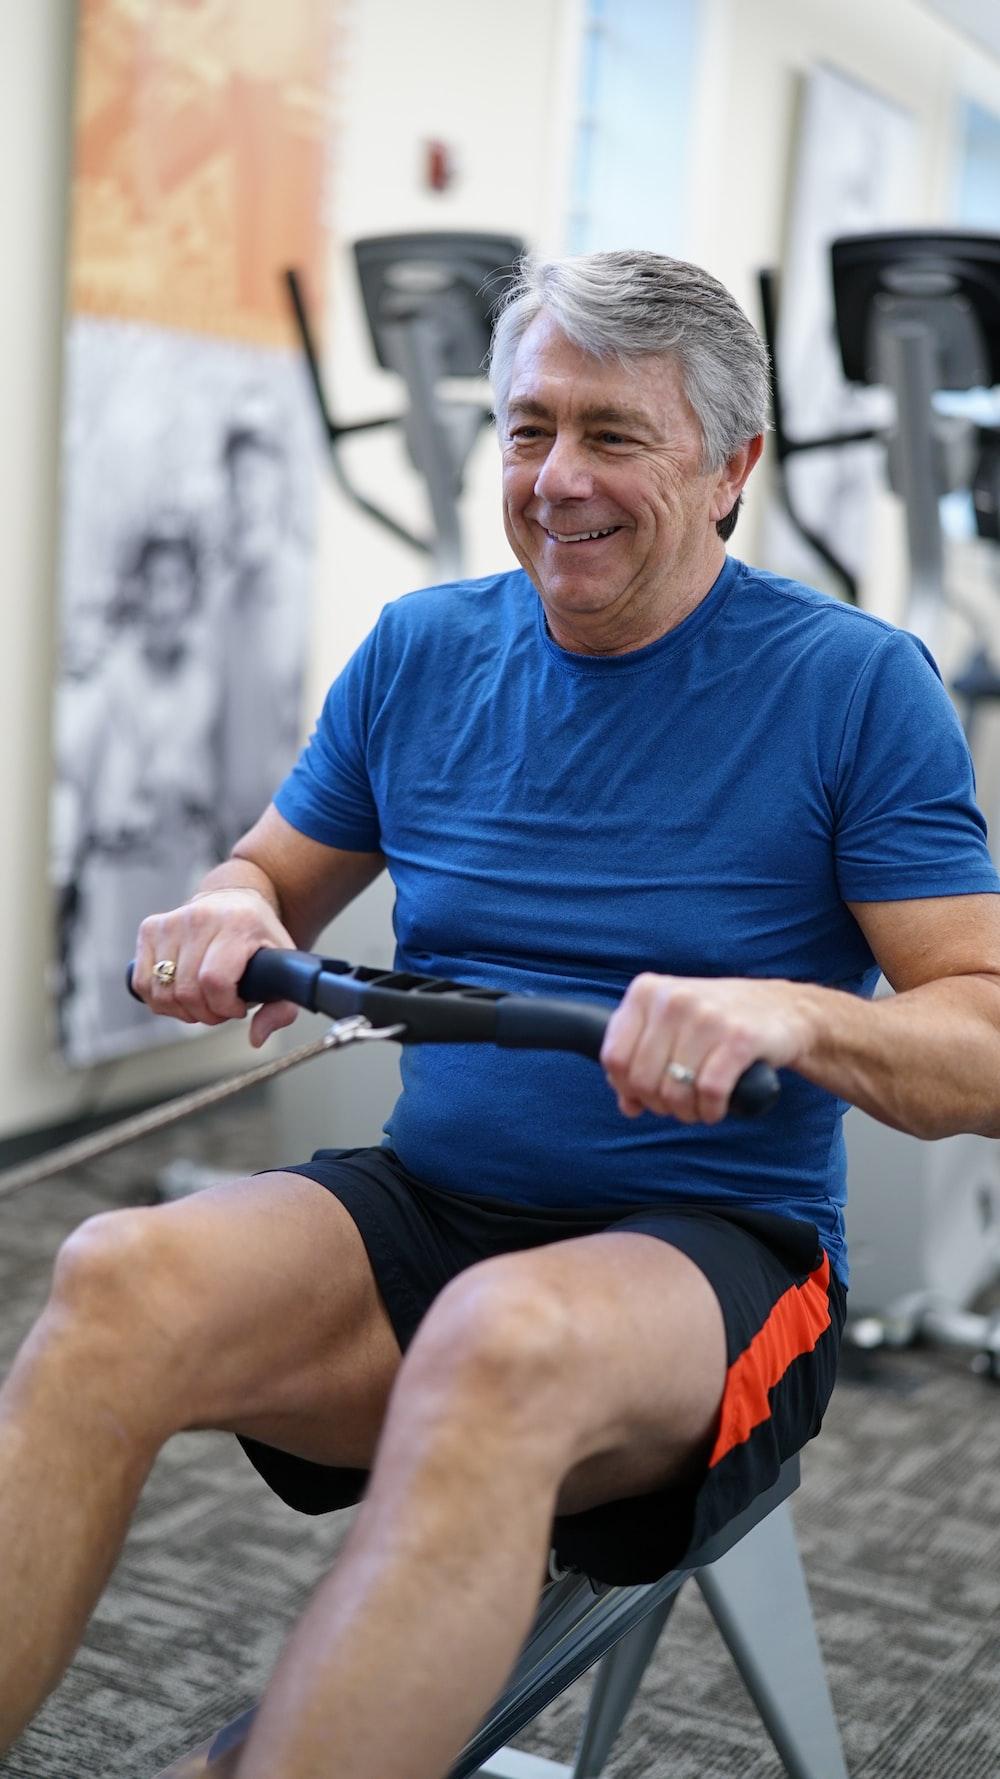 man exercising while smiling